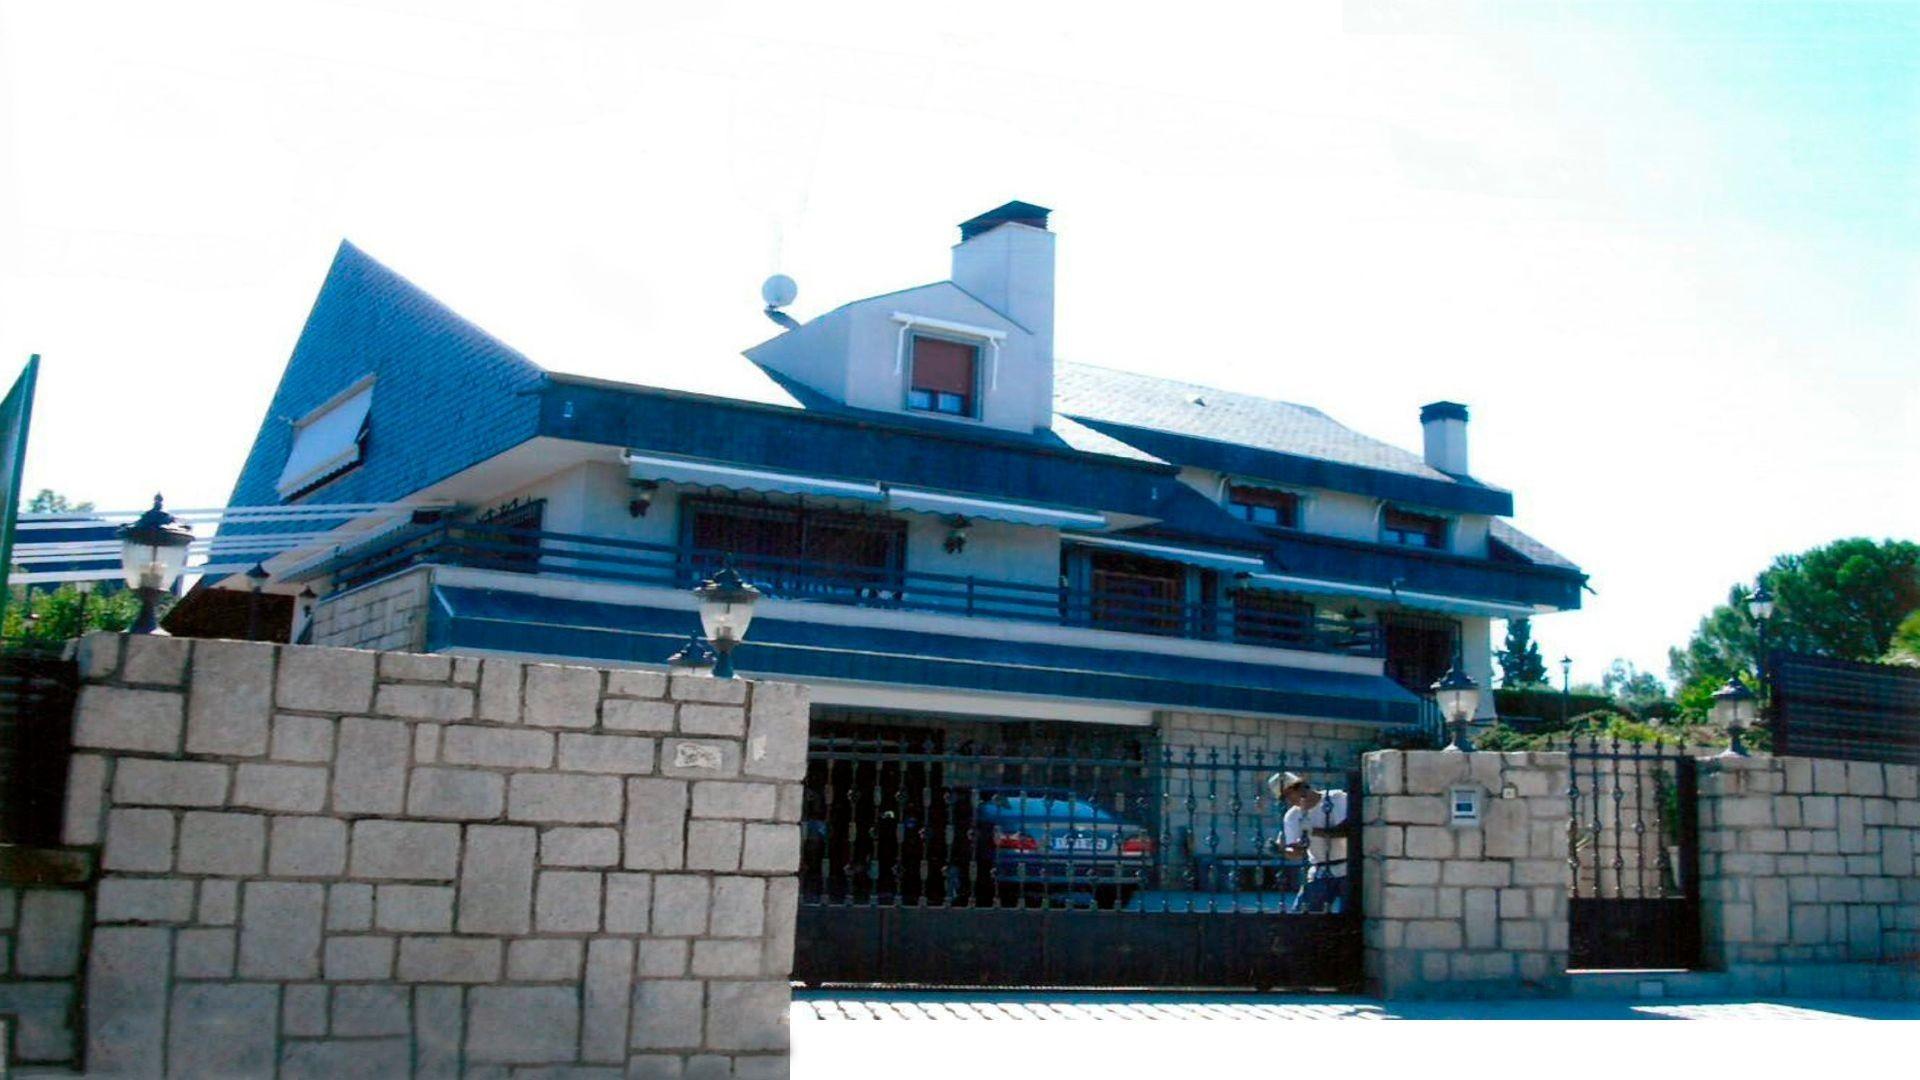 Mantenimiento integral de edificios y comunidades en Getafe